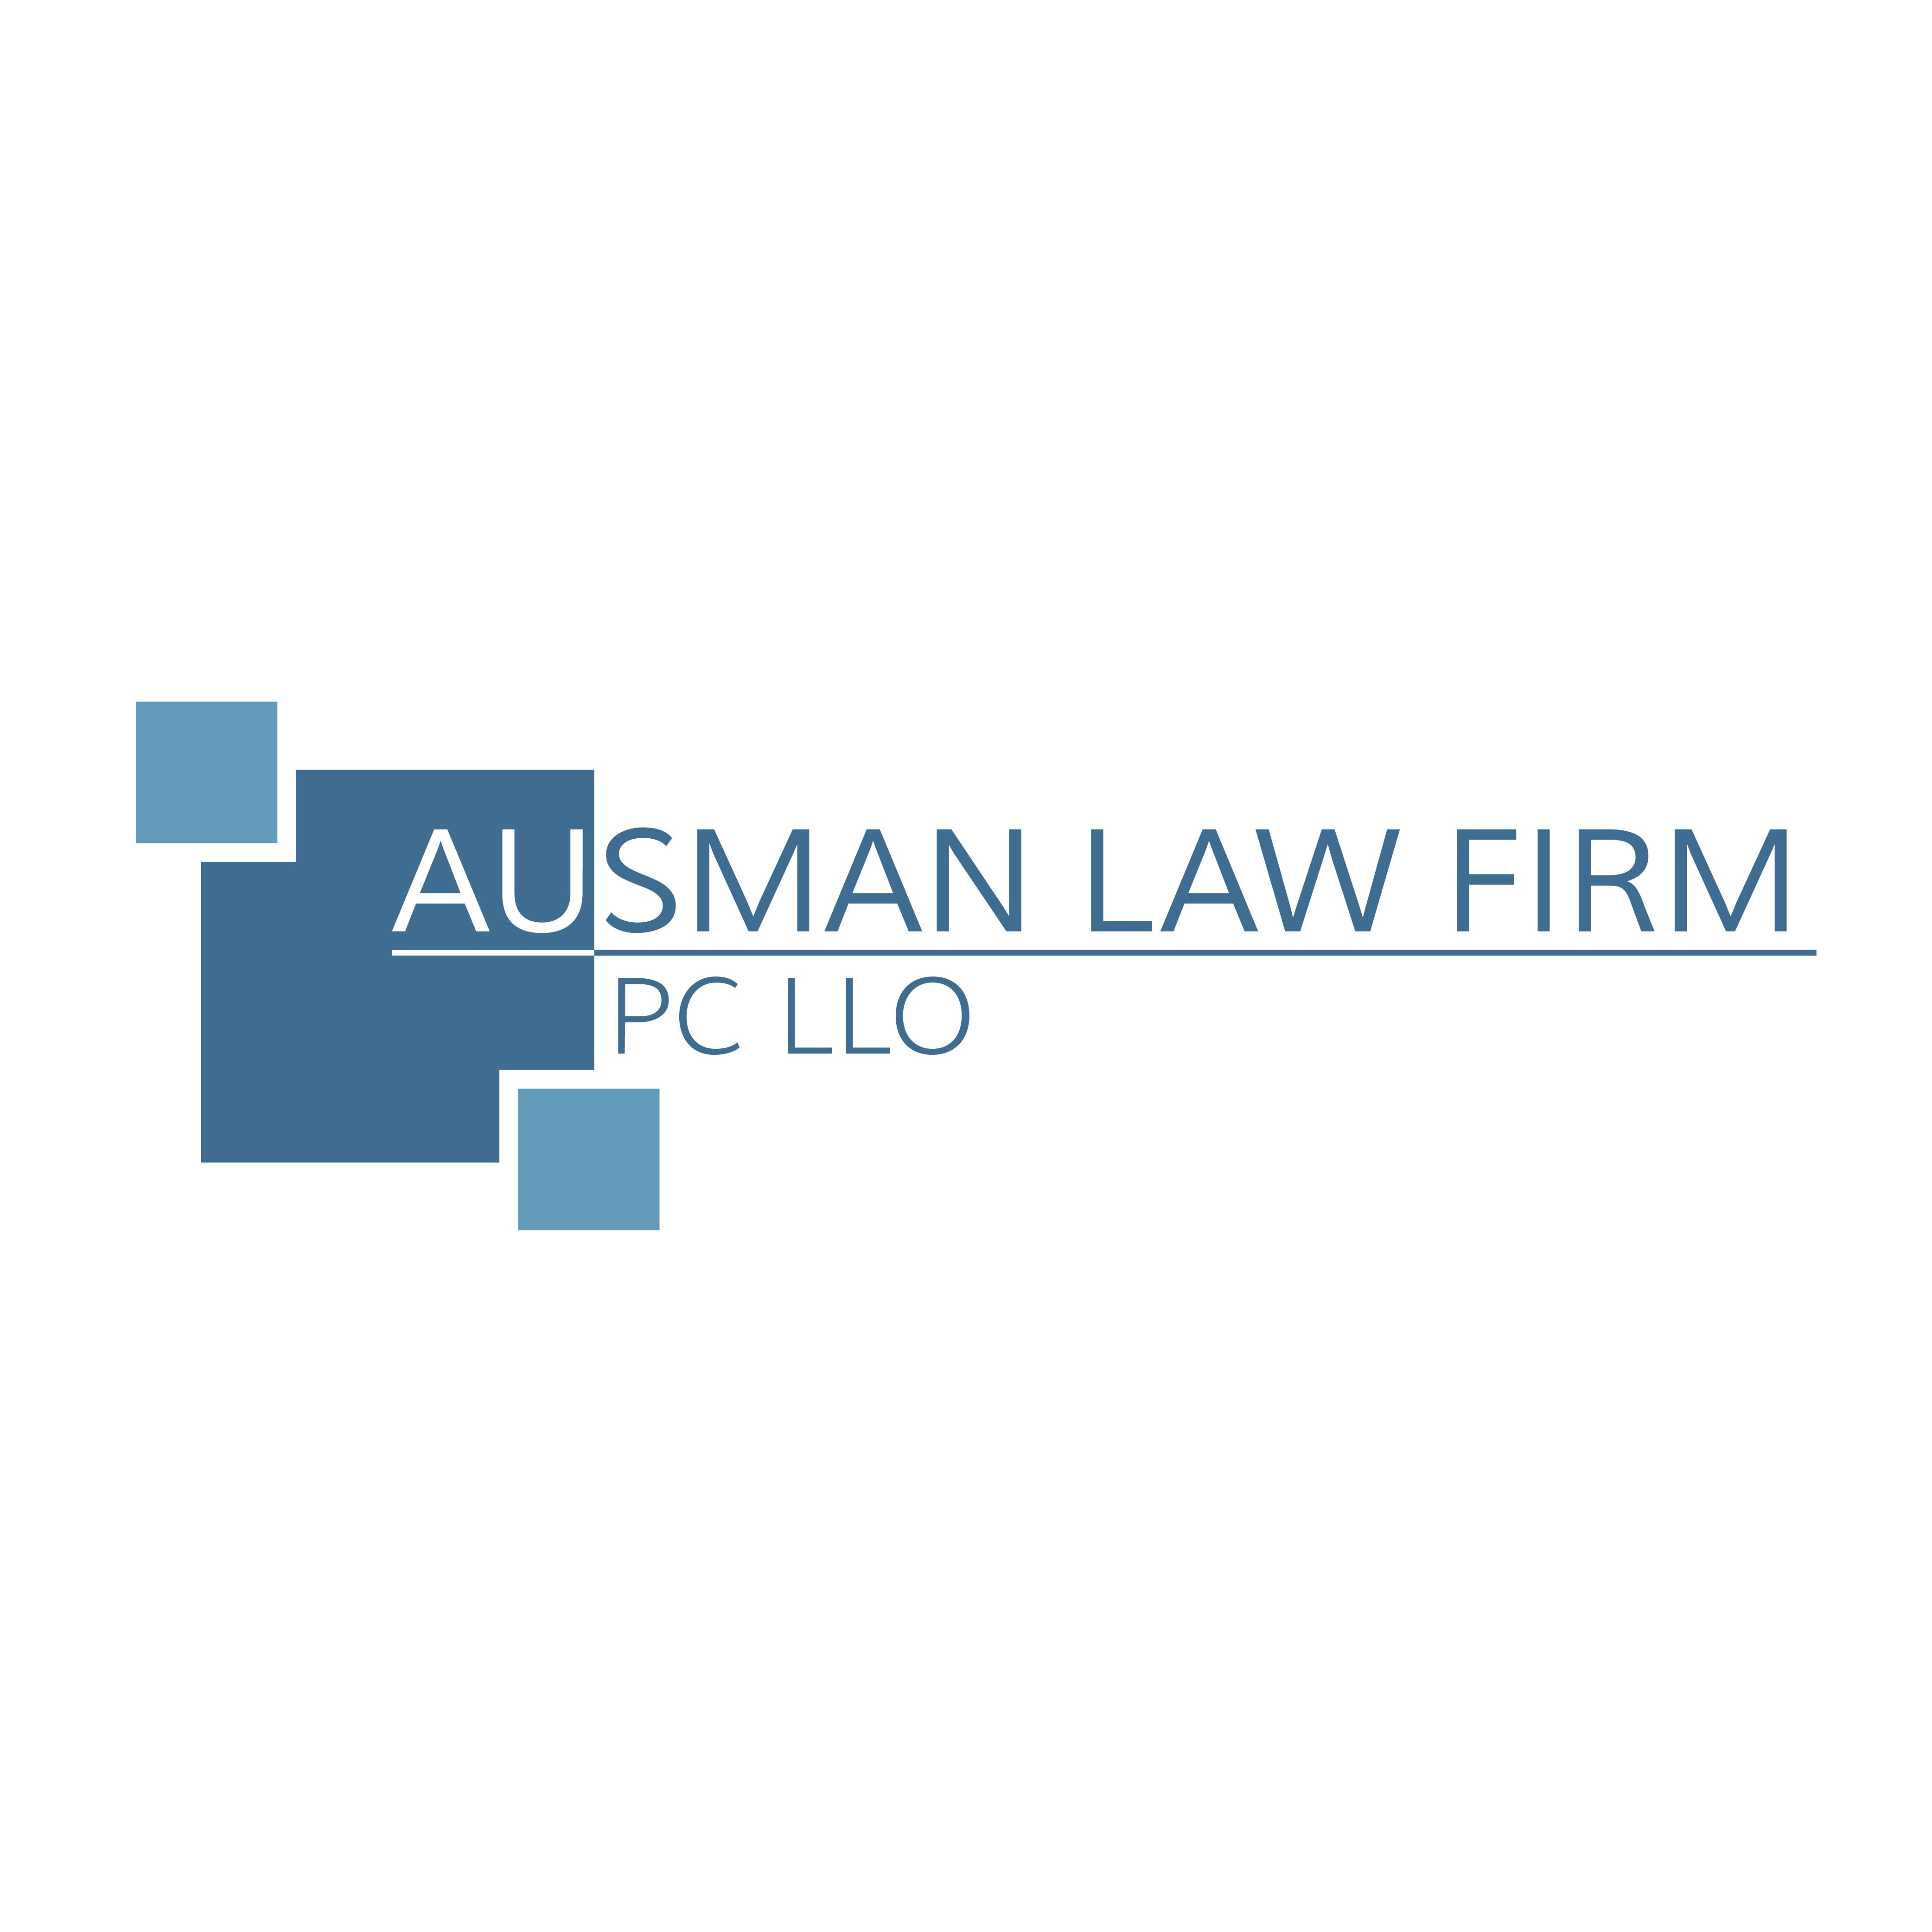 Ausman Law Firm PC LLO